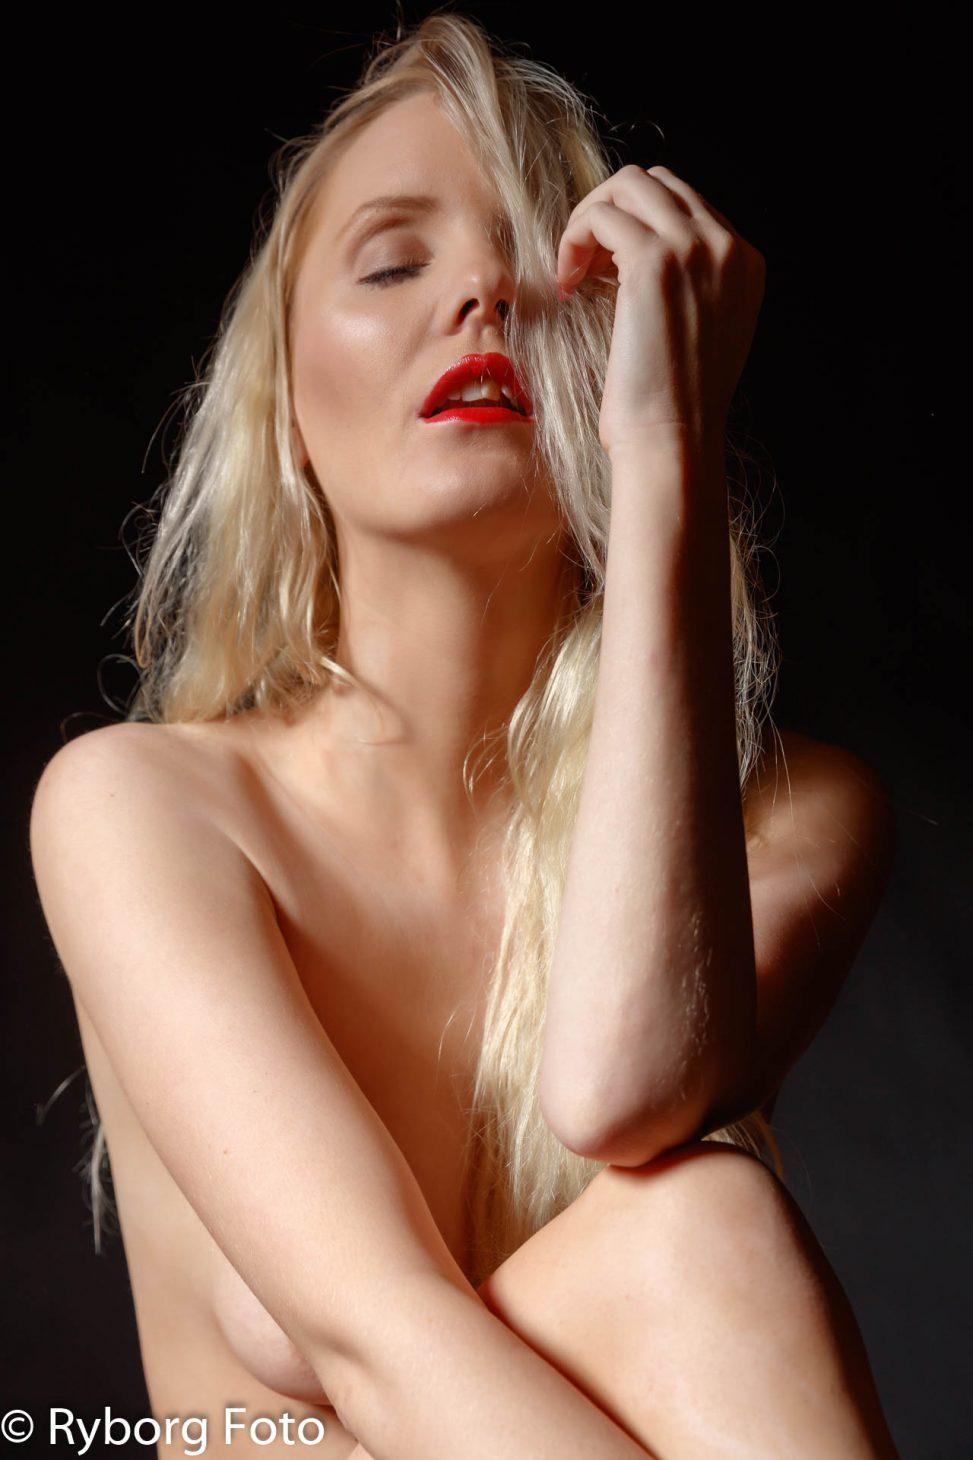 nicole brøggler nude portrait